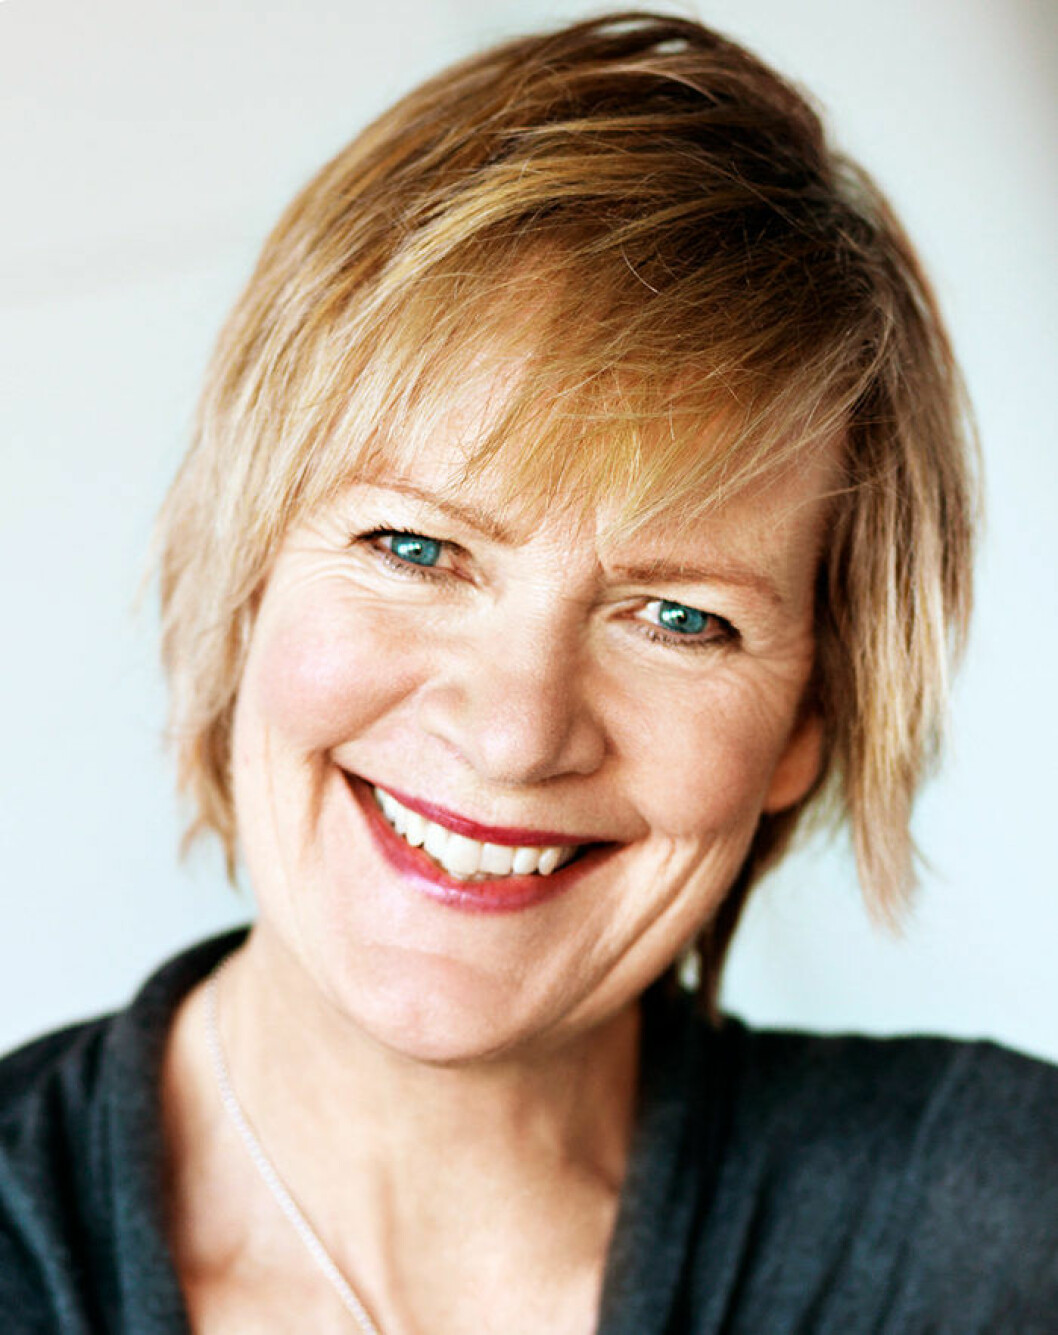 Tina Björeman, inredare och presskontakt på Ikea.